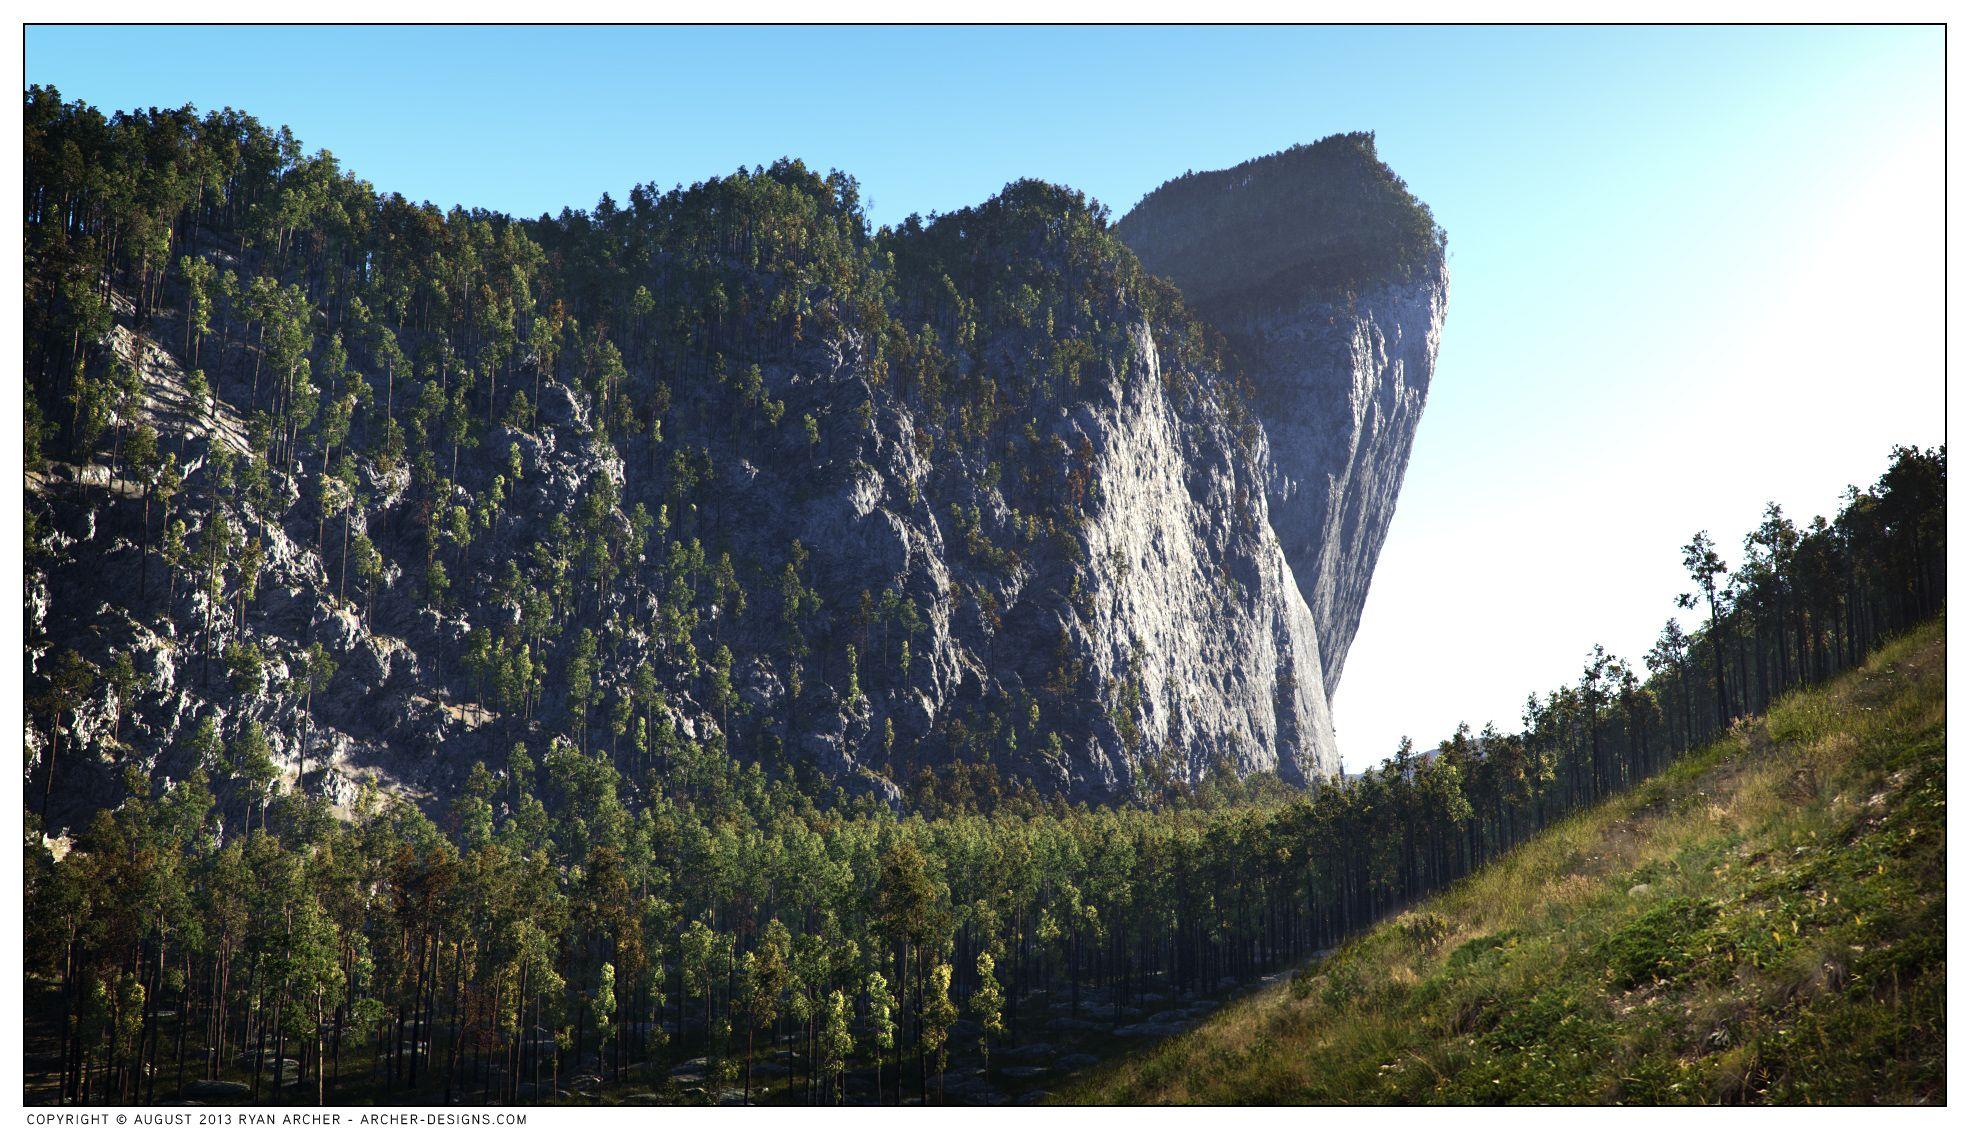 Terragen Over Hanging Cliffs By Ryan Archer | Environmental artist ...